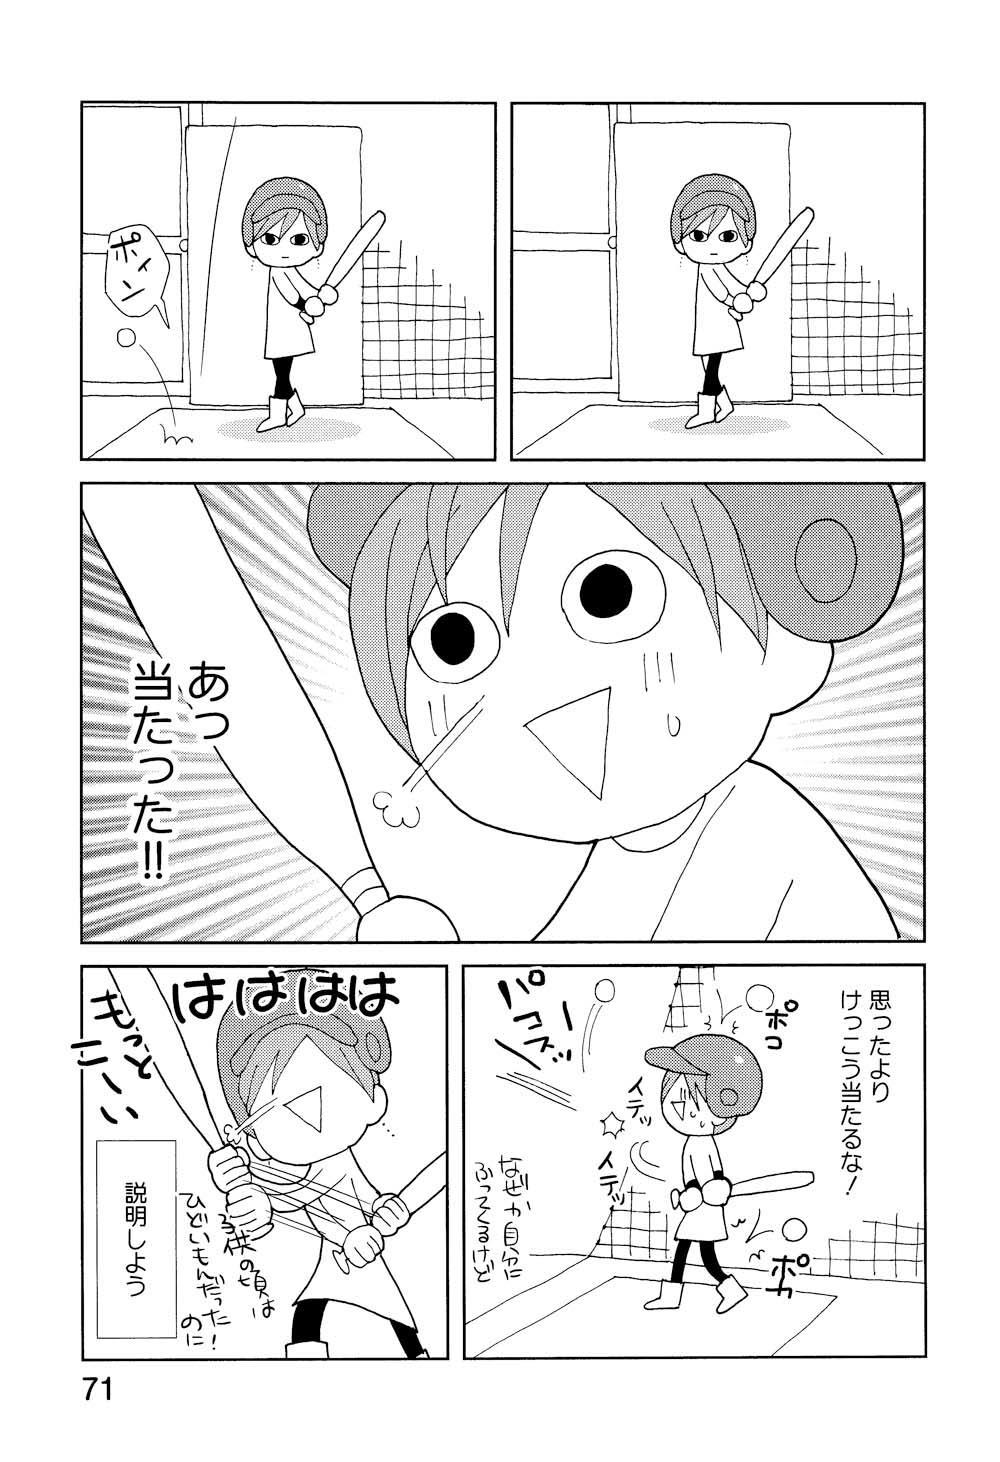 おひとりさま_072.jpg